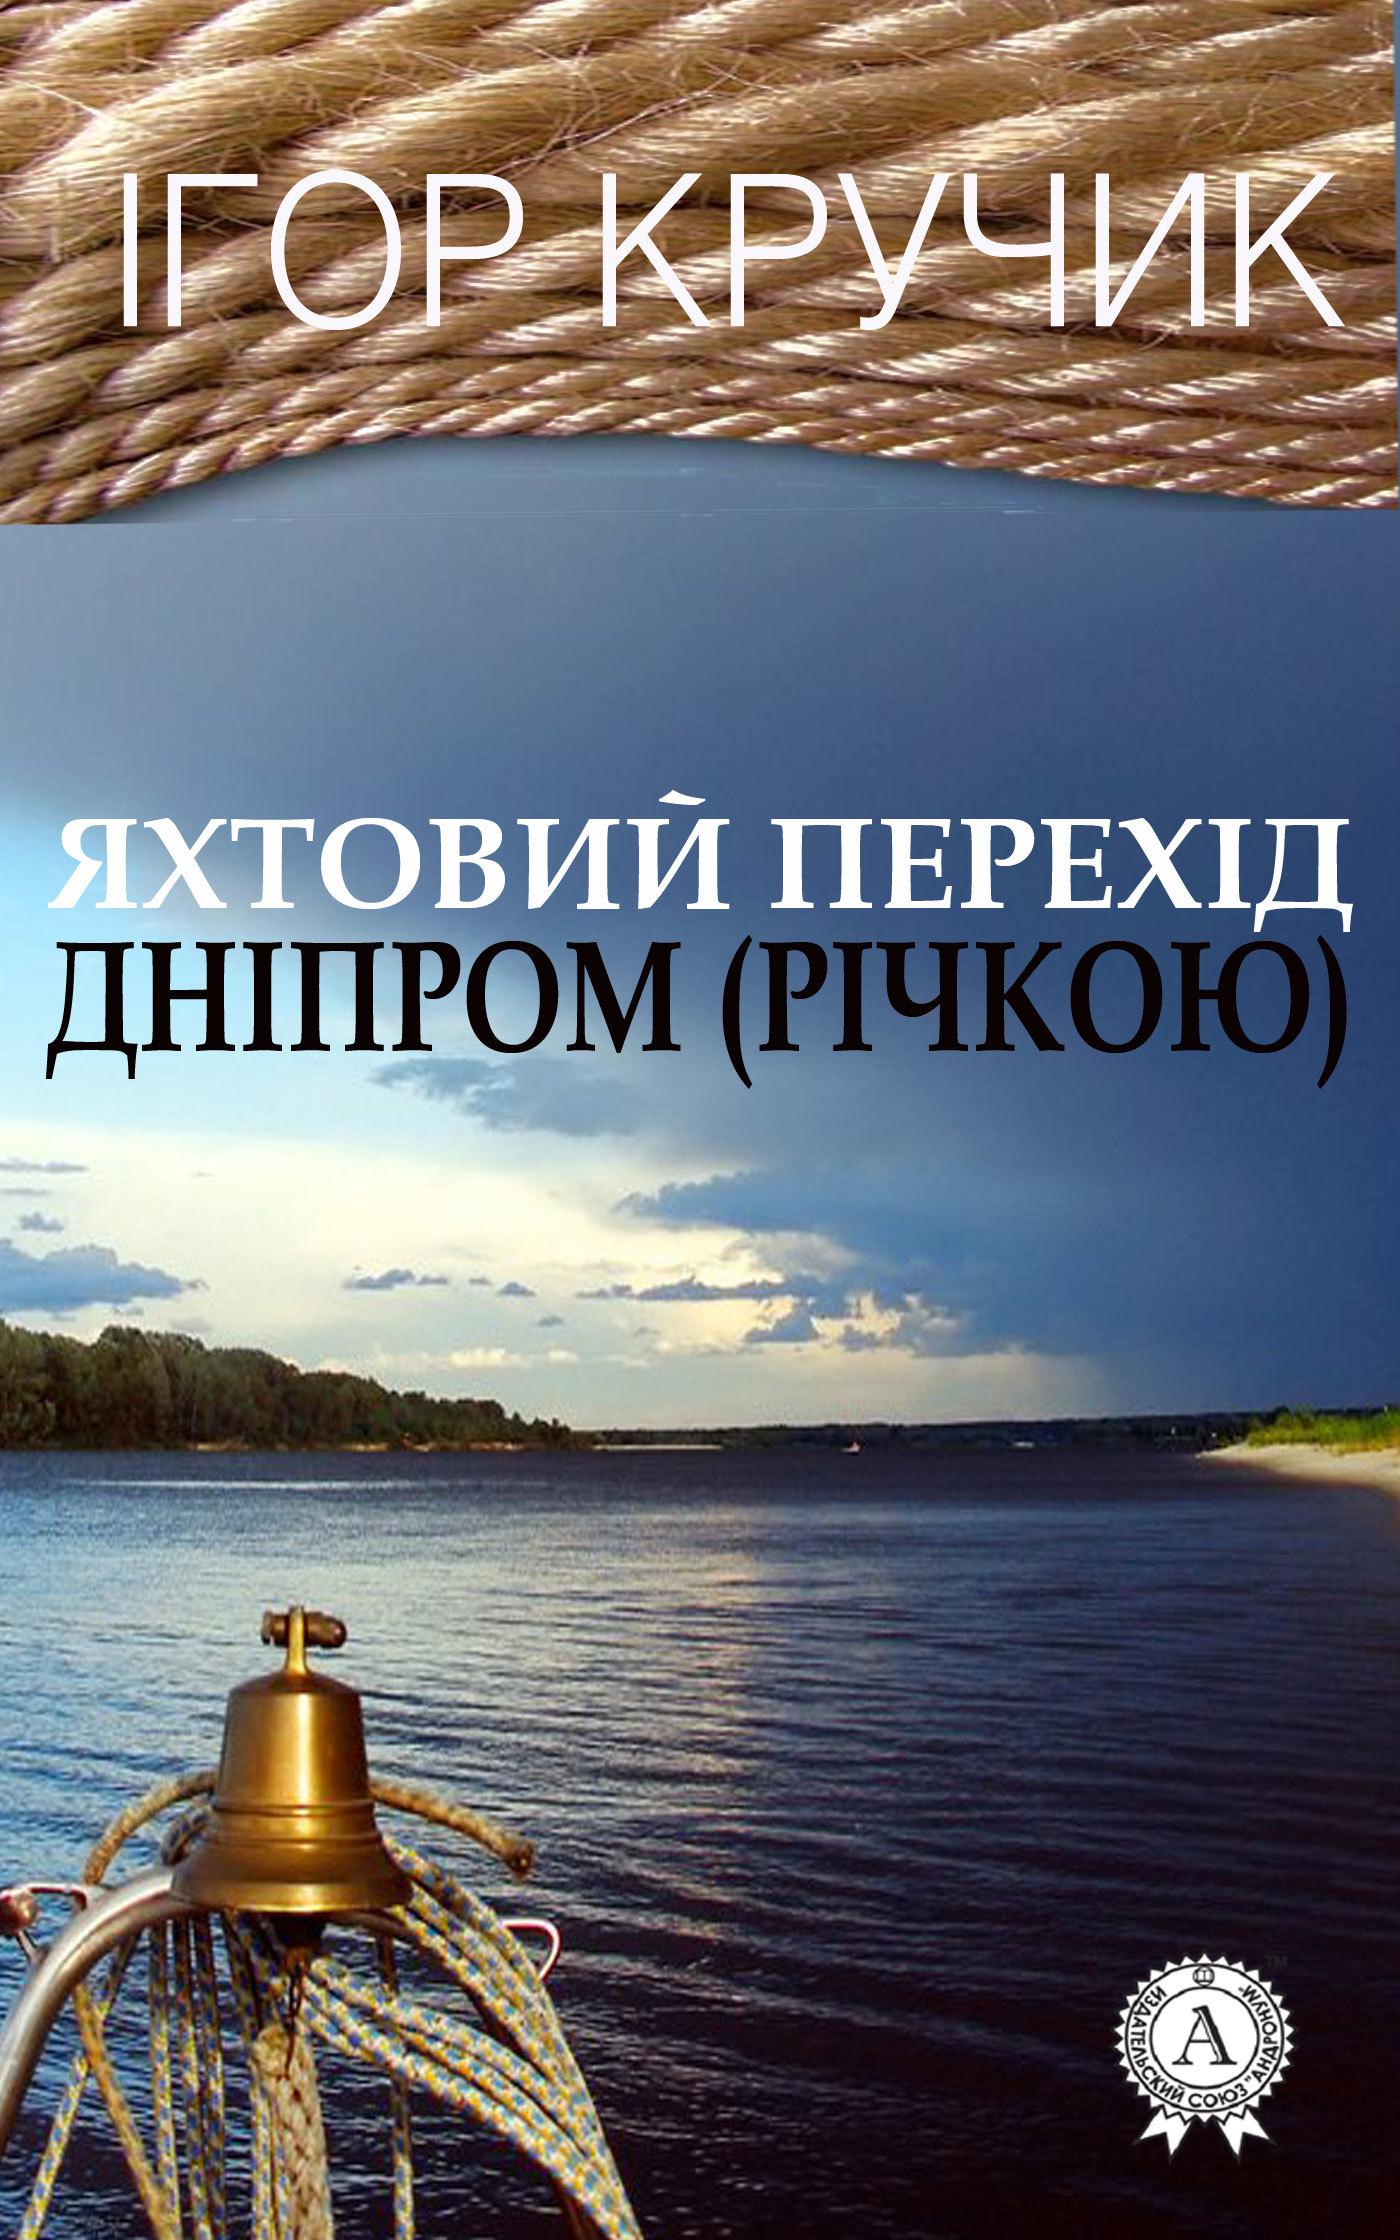 Скачать Яхтовий перехд Днпром (рчкою) быстро